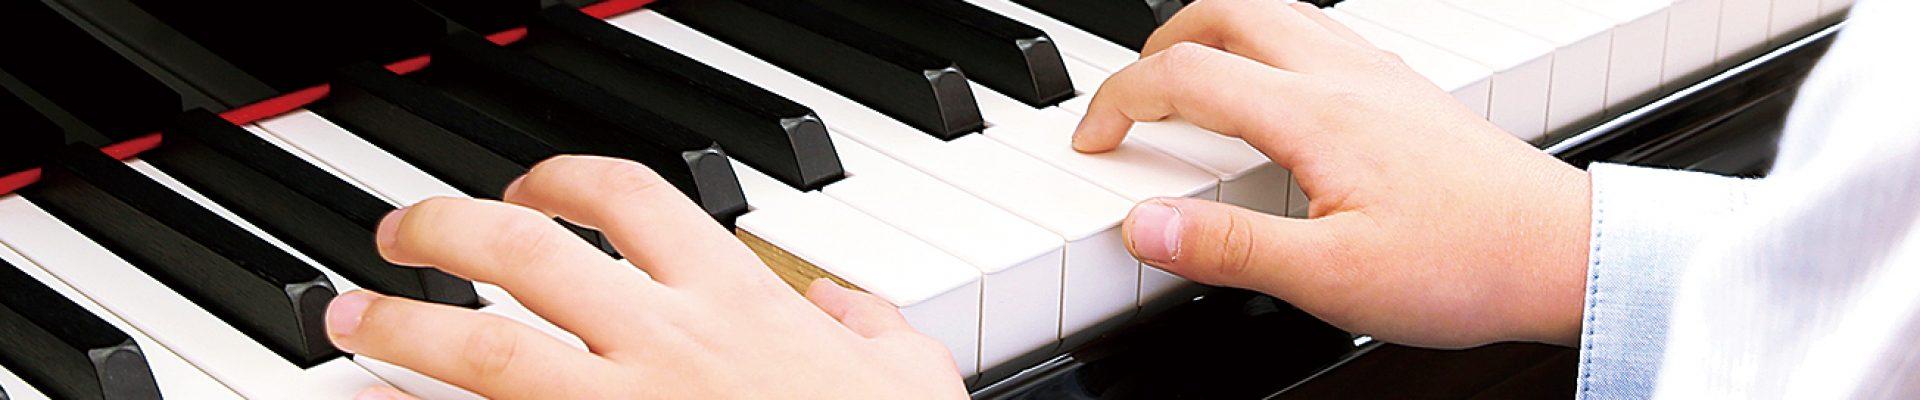 大人の音楽レッスン